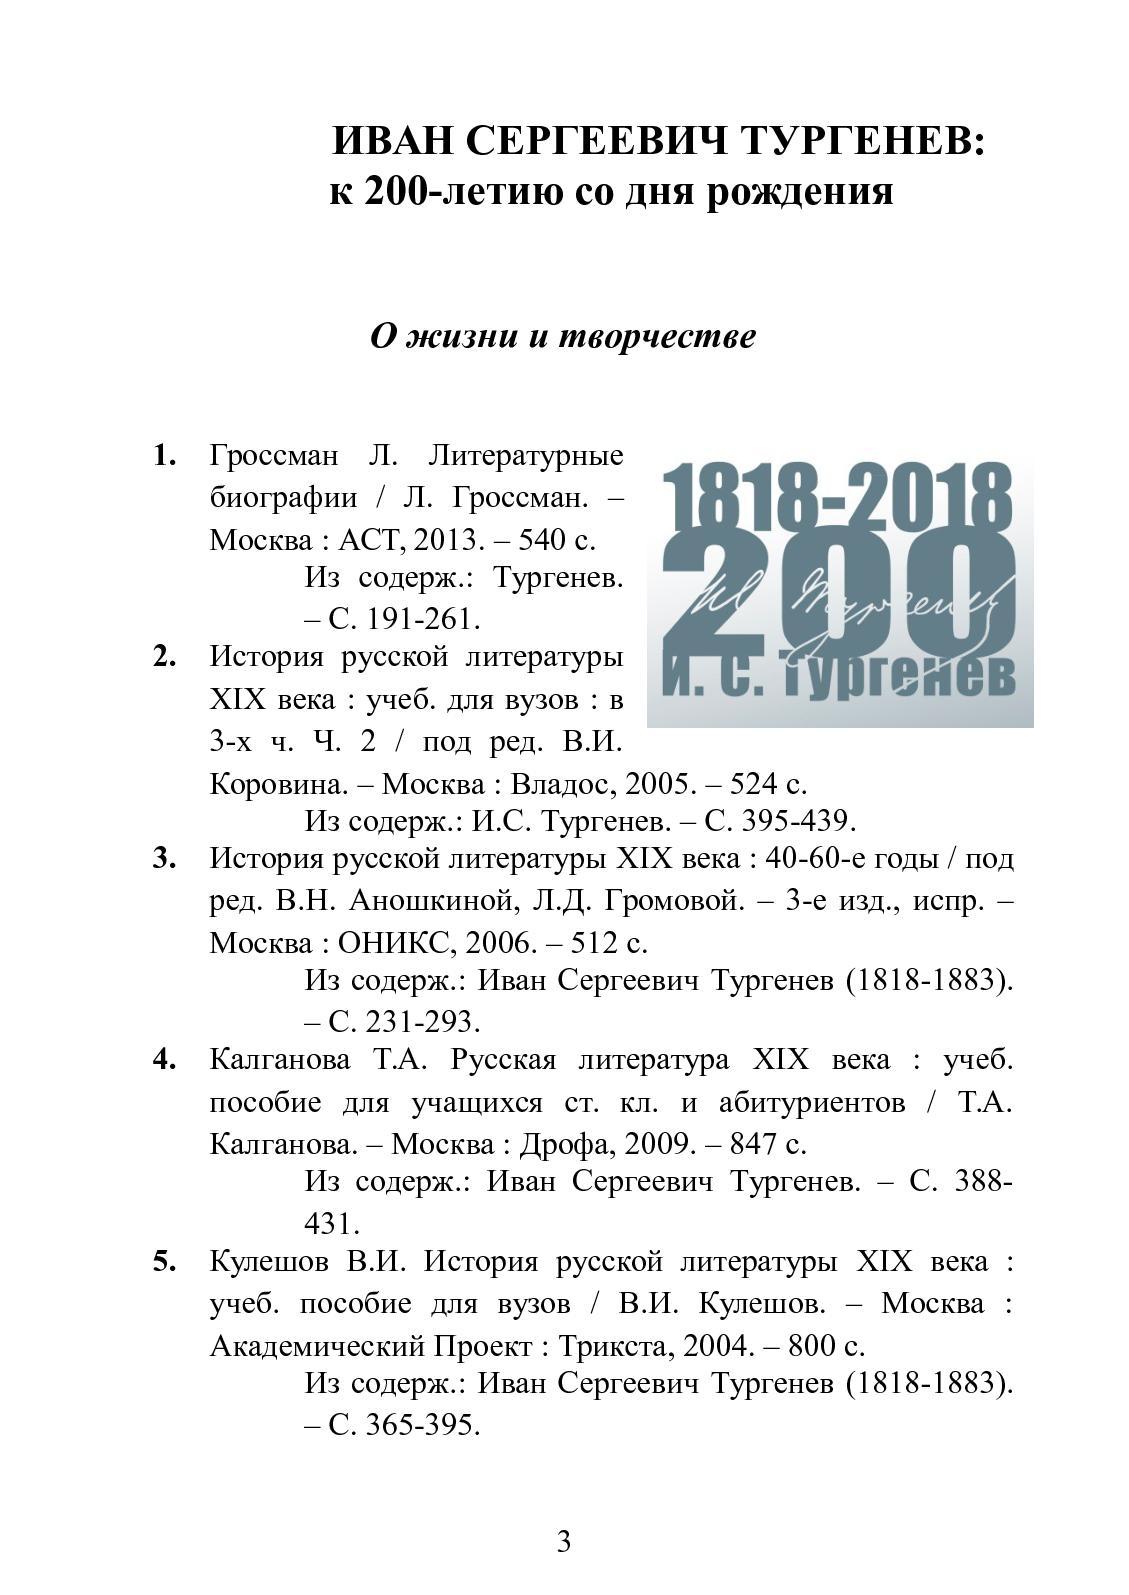 ИВАН СЕРГЕЕВИЧ ТУРГЕНЕВ : к 200-летию со дня рождения